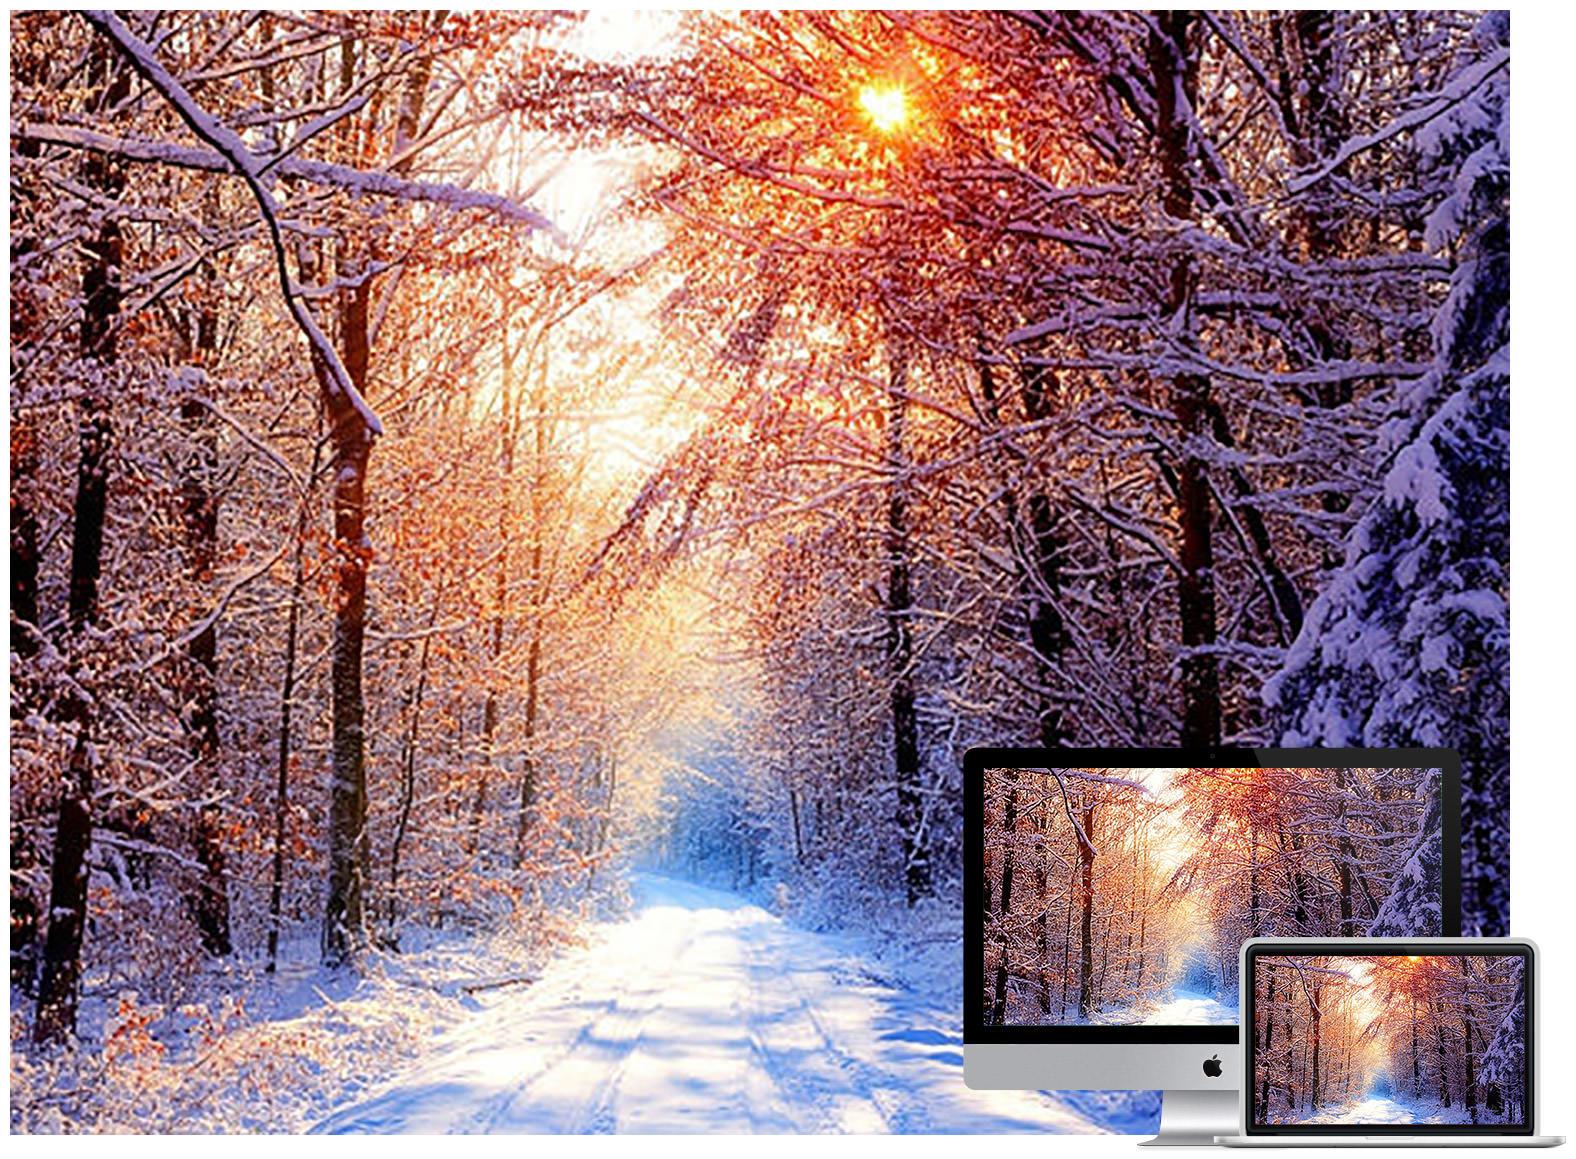 winter forest 2 - Bộ ảnh nền mùa Đông đẹp dành cho máy tính